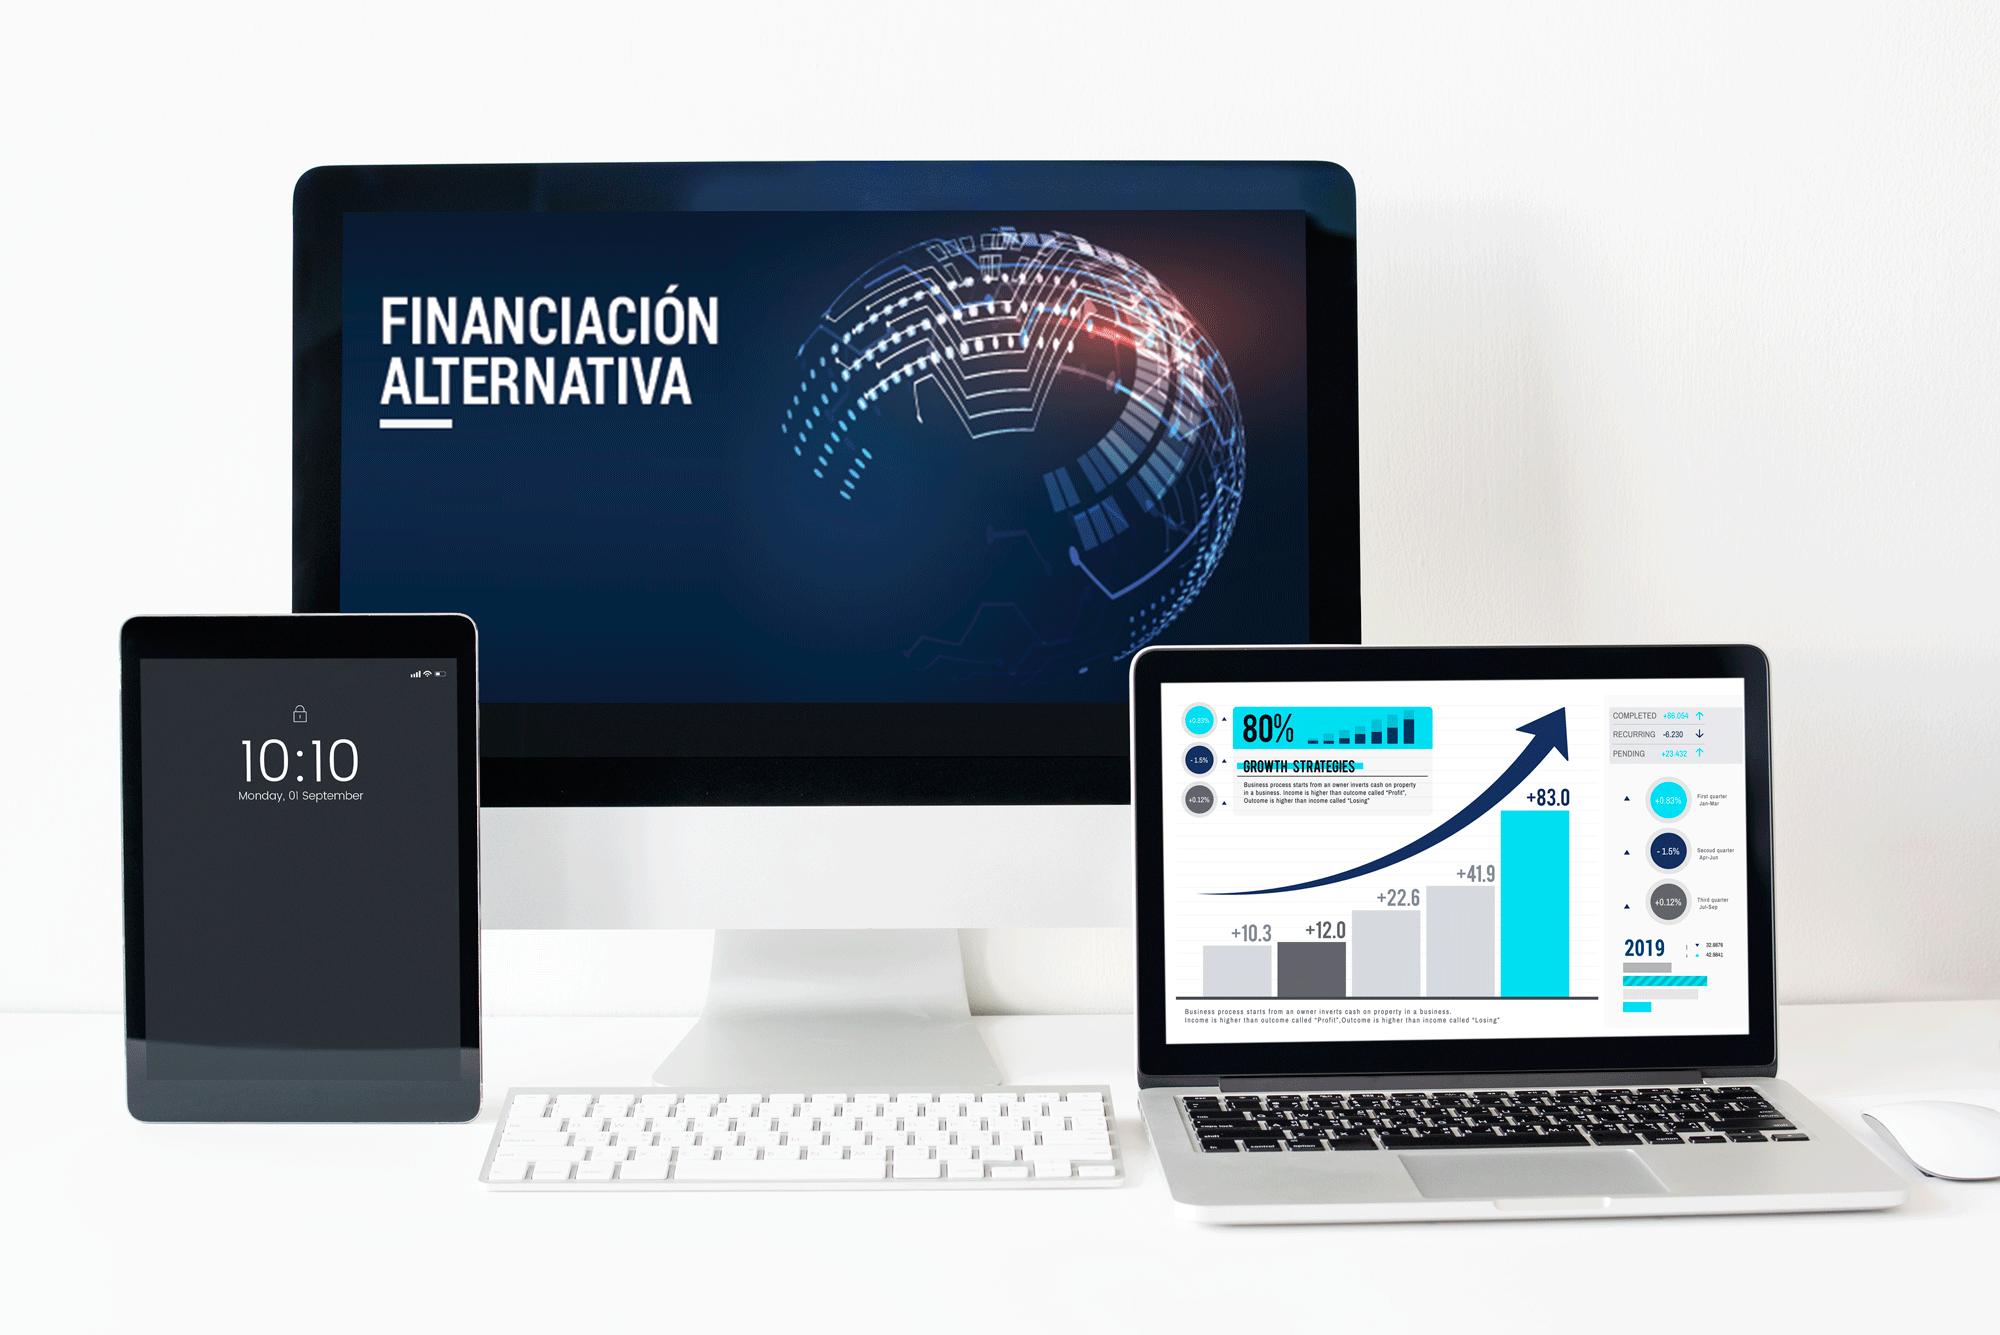 imagen ordenadores de alterfinance